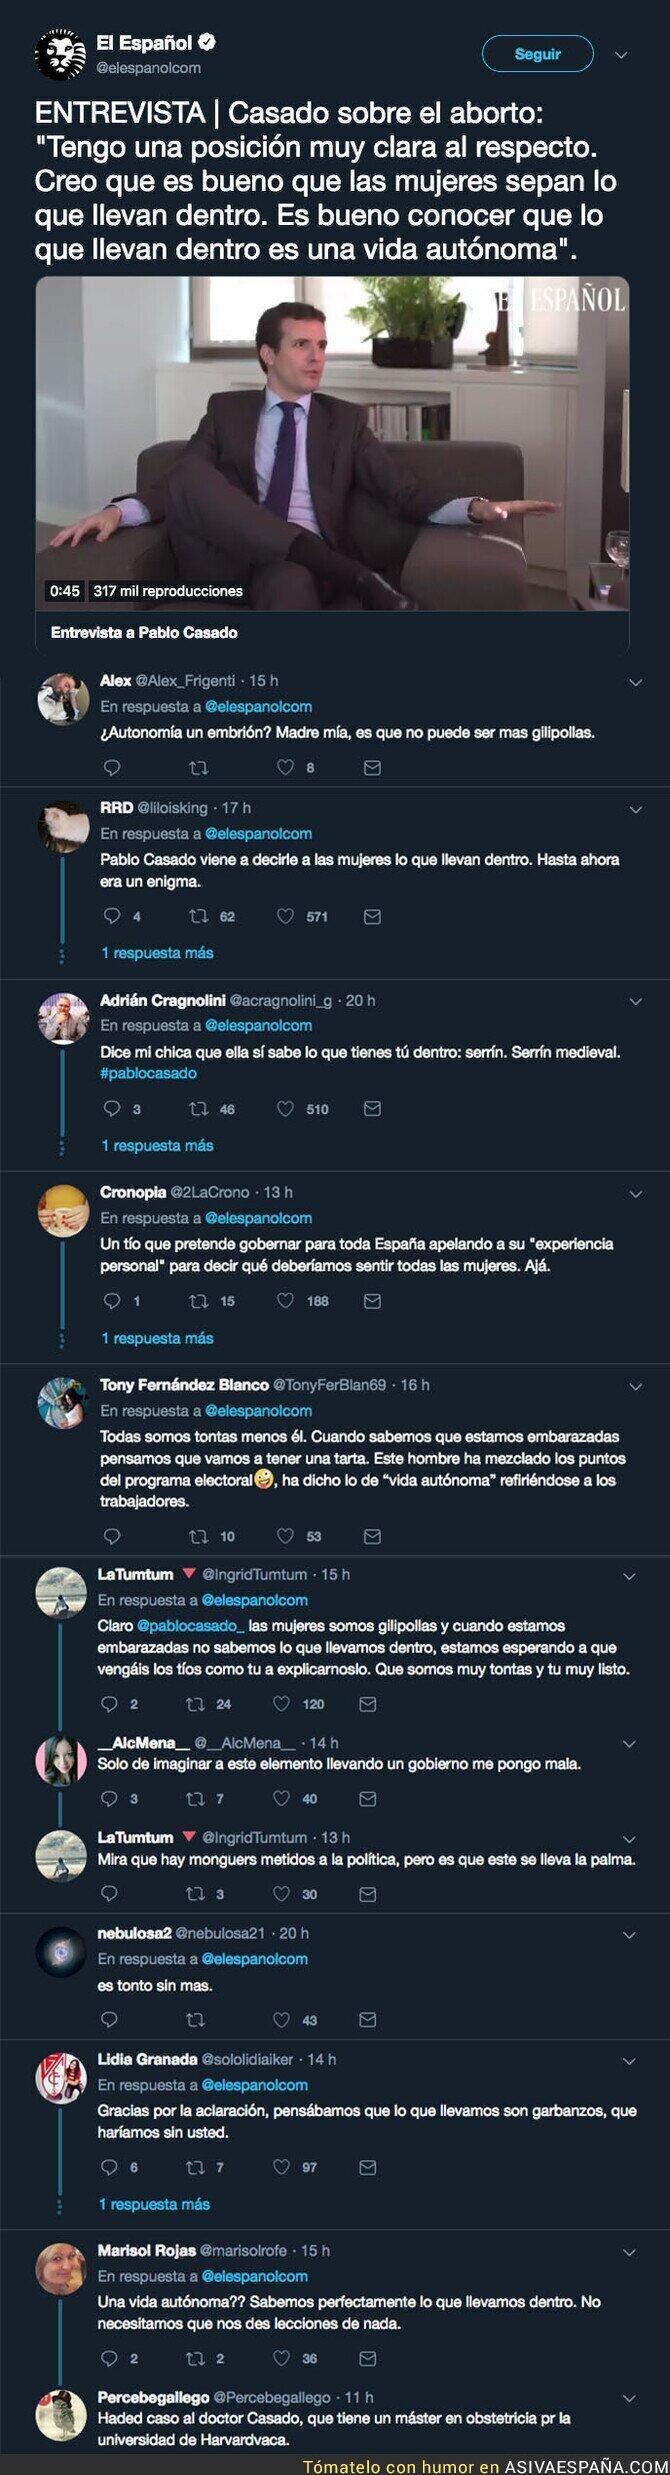 105255 - Pablo Casado opina del aborto con una frase muy polémica y todo el mundo le está respondiendo dándole de 'h*stias'